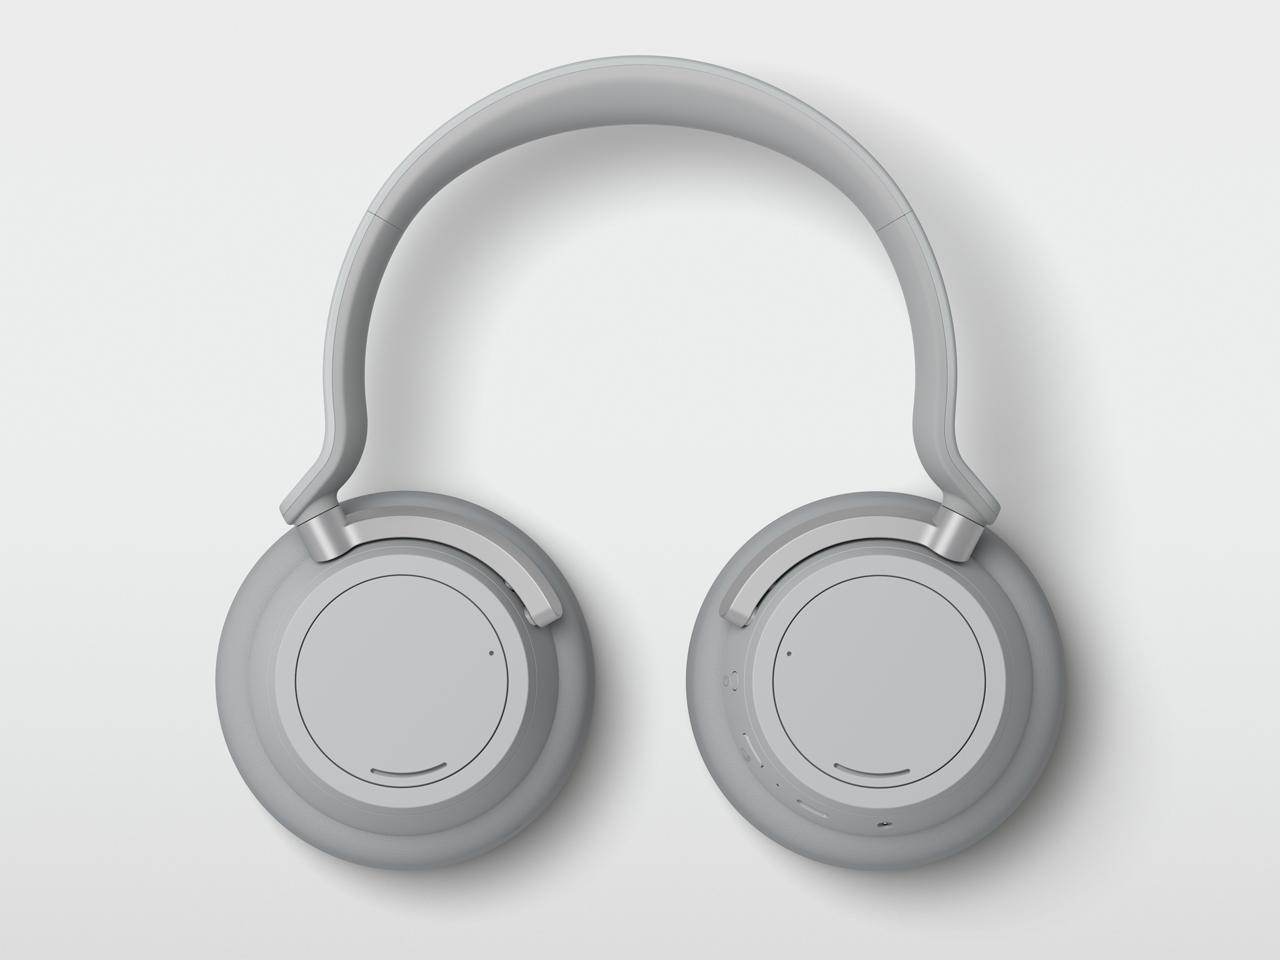 『本体』 Surface Headphones GUW-00007 の製品画像